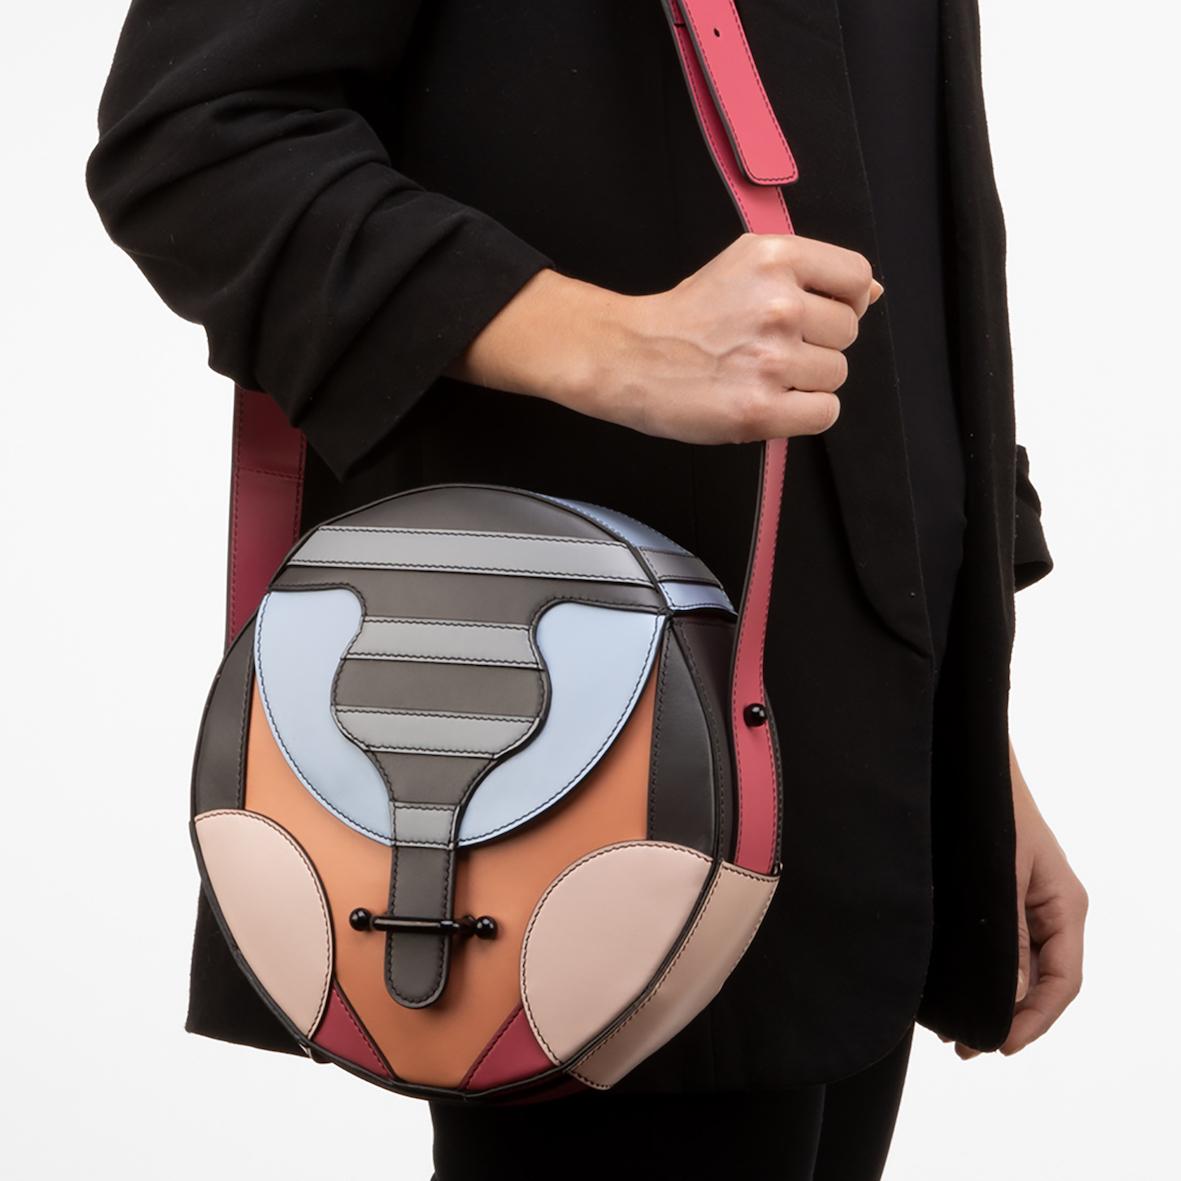 GRETA, borsa di pelle multicolore di Elena Salmistraro per Up To You Anthology